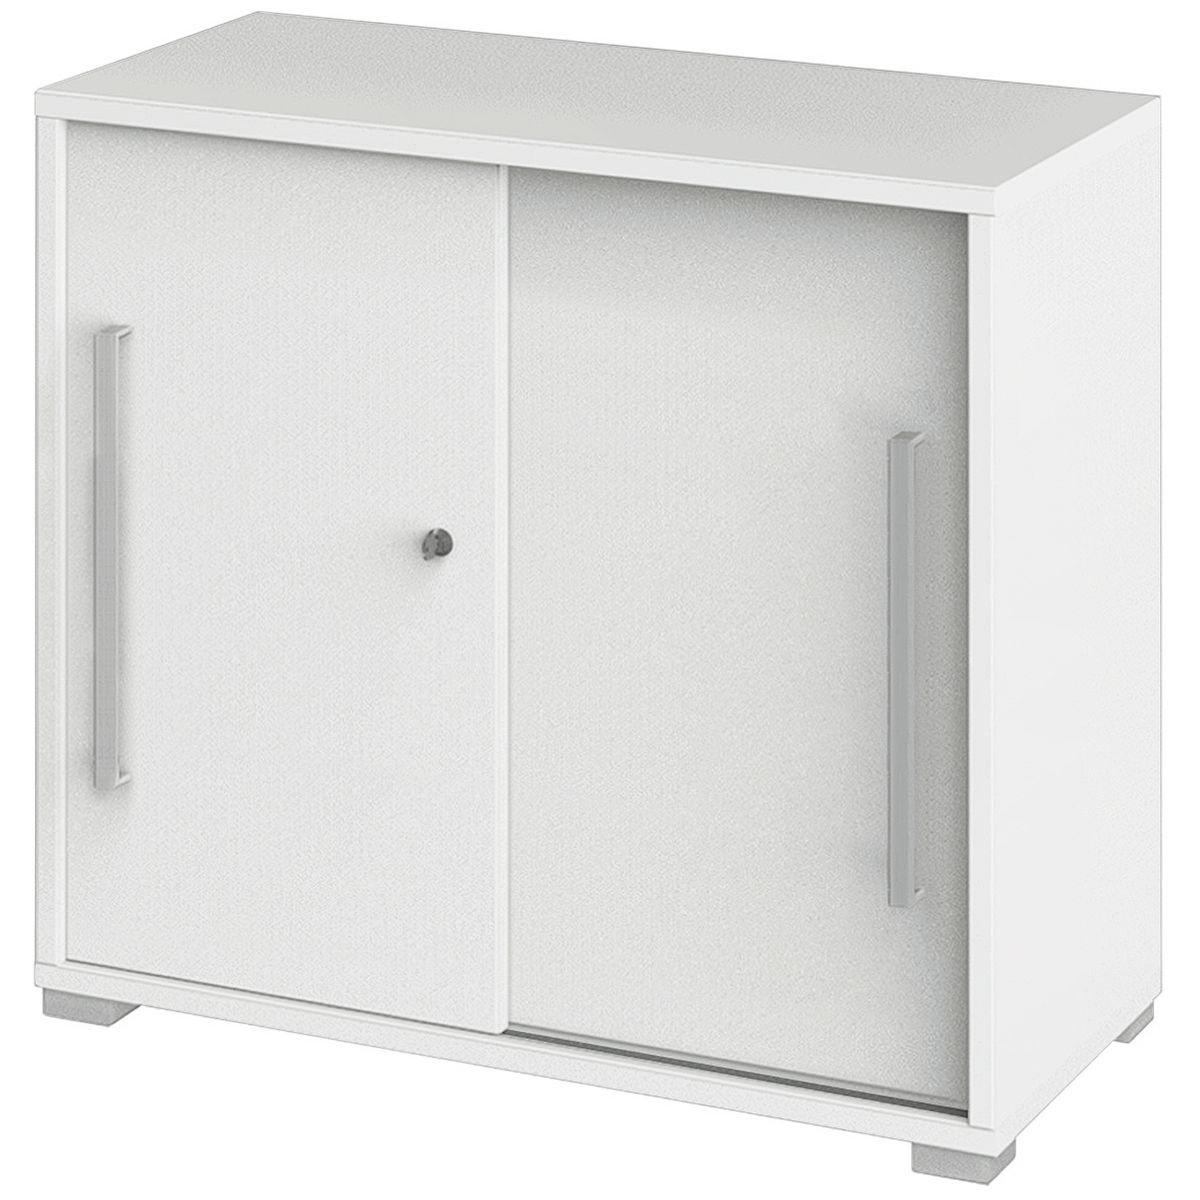 Schiebetürenschrank 80/74,5 cm »Objekt Plus«